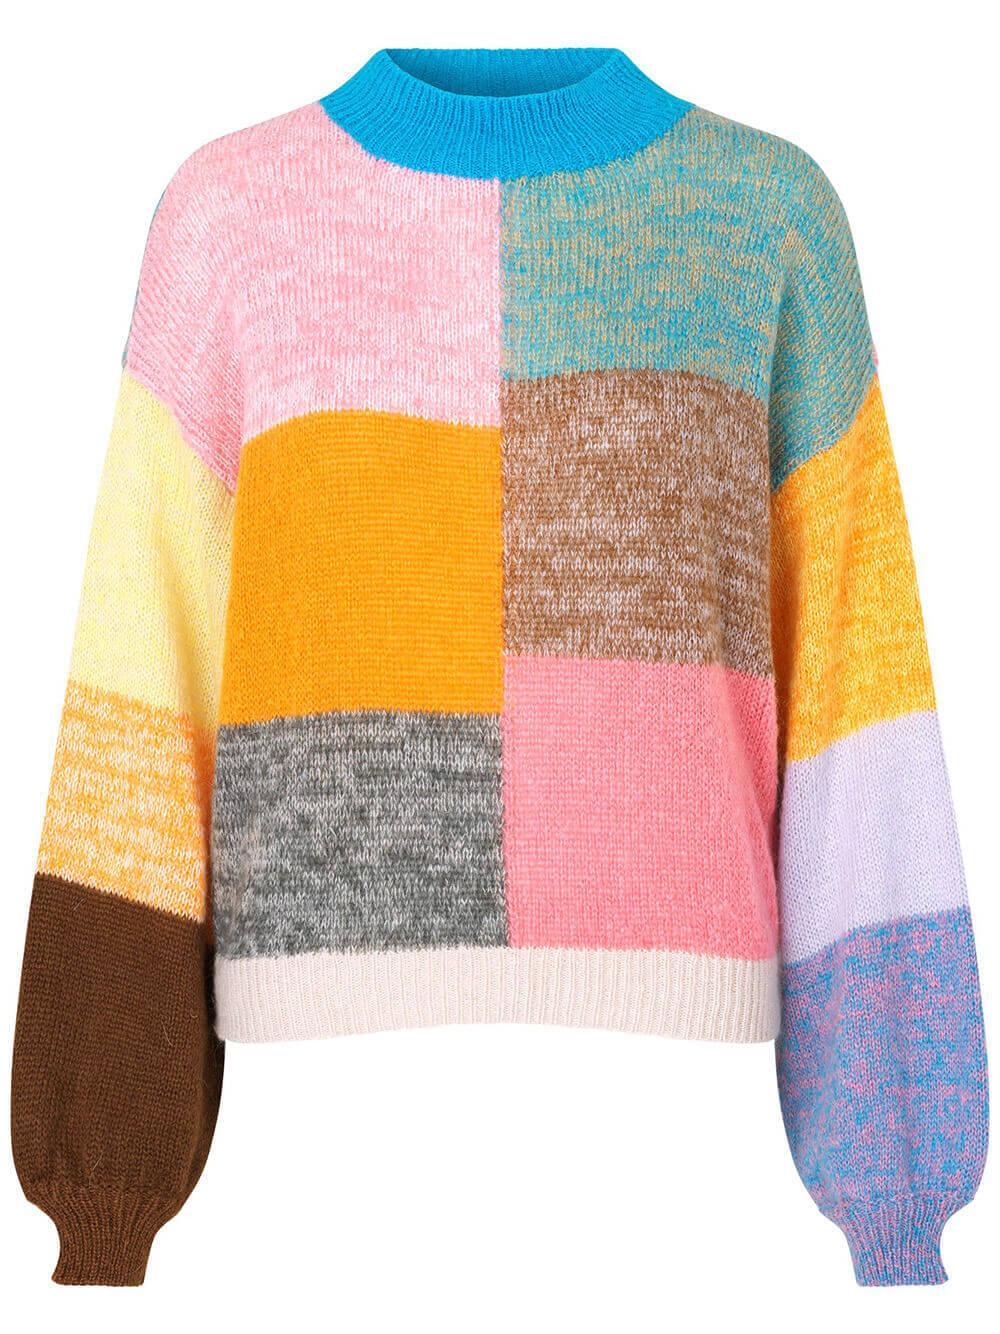 Adonis Sweater Item # SG3612